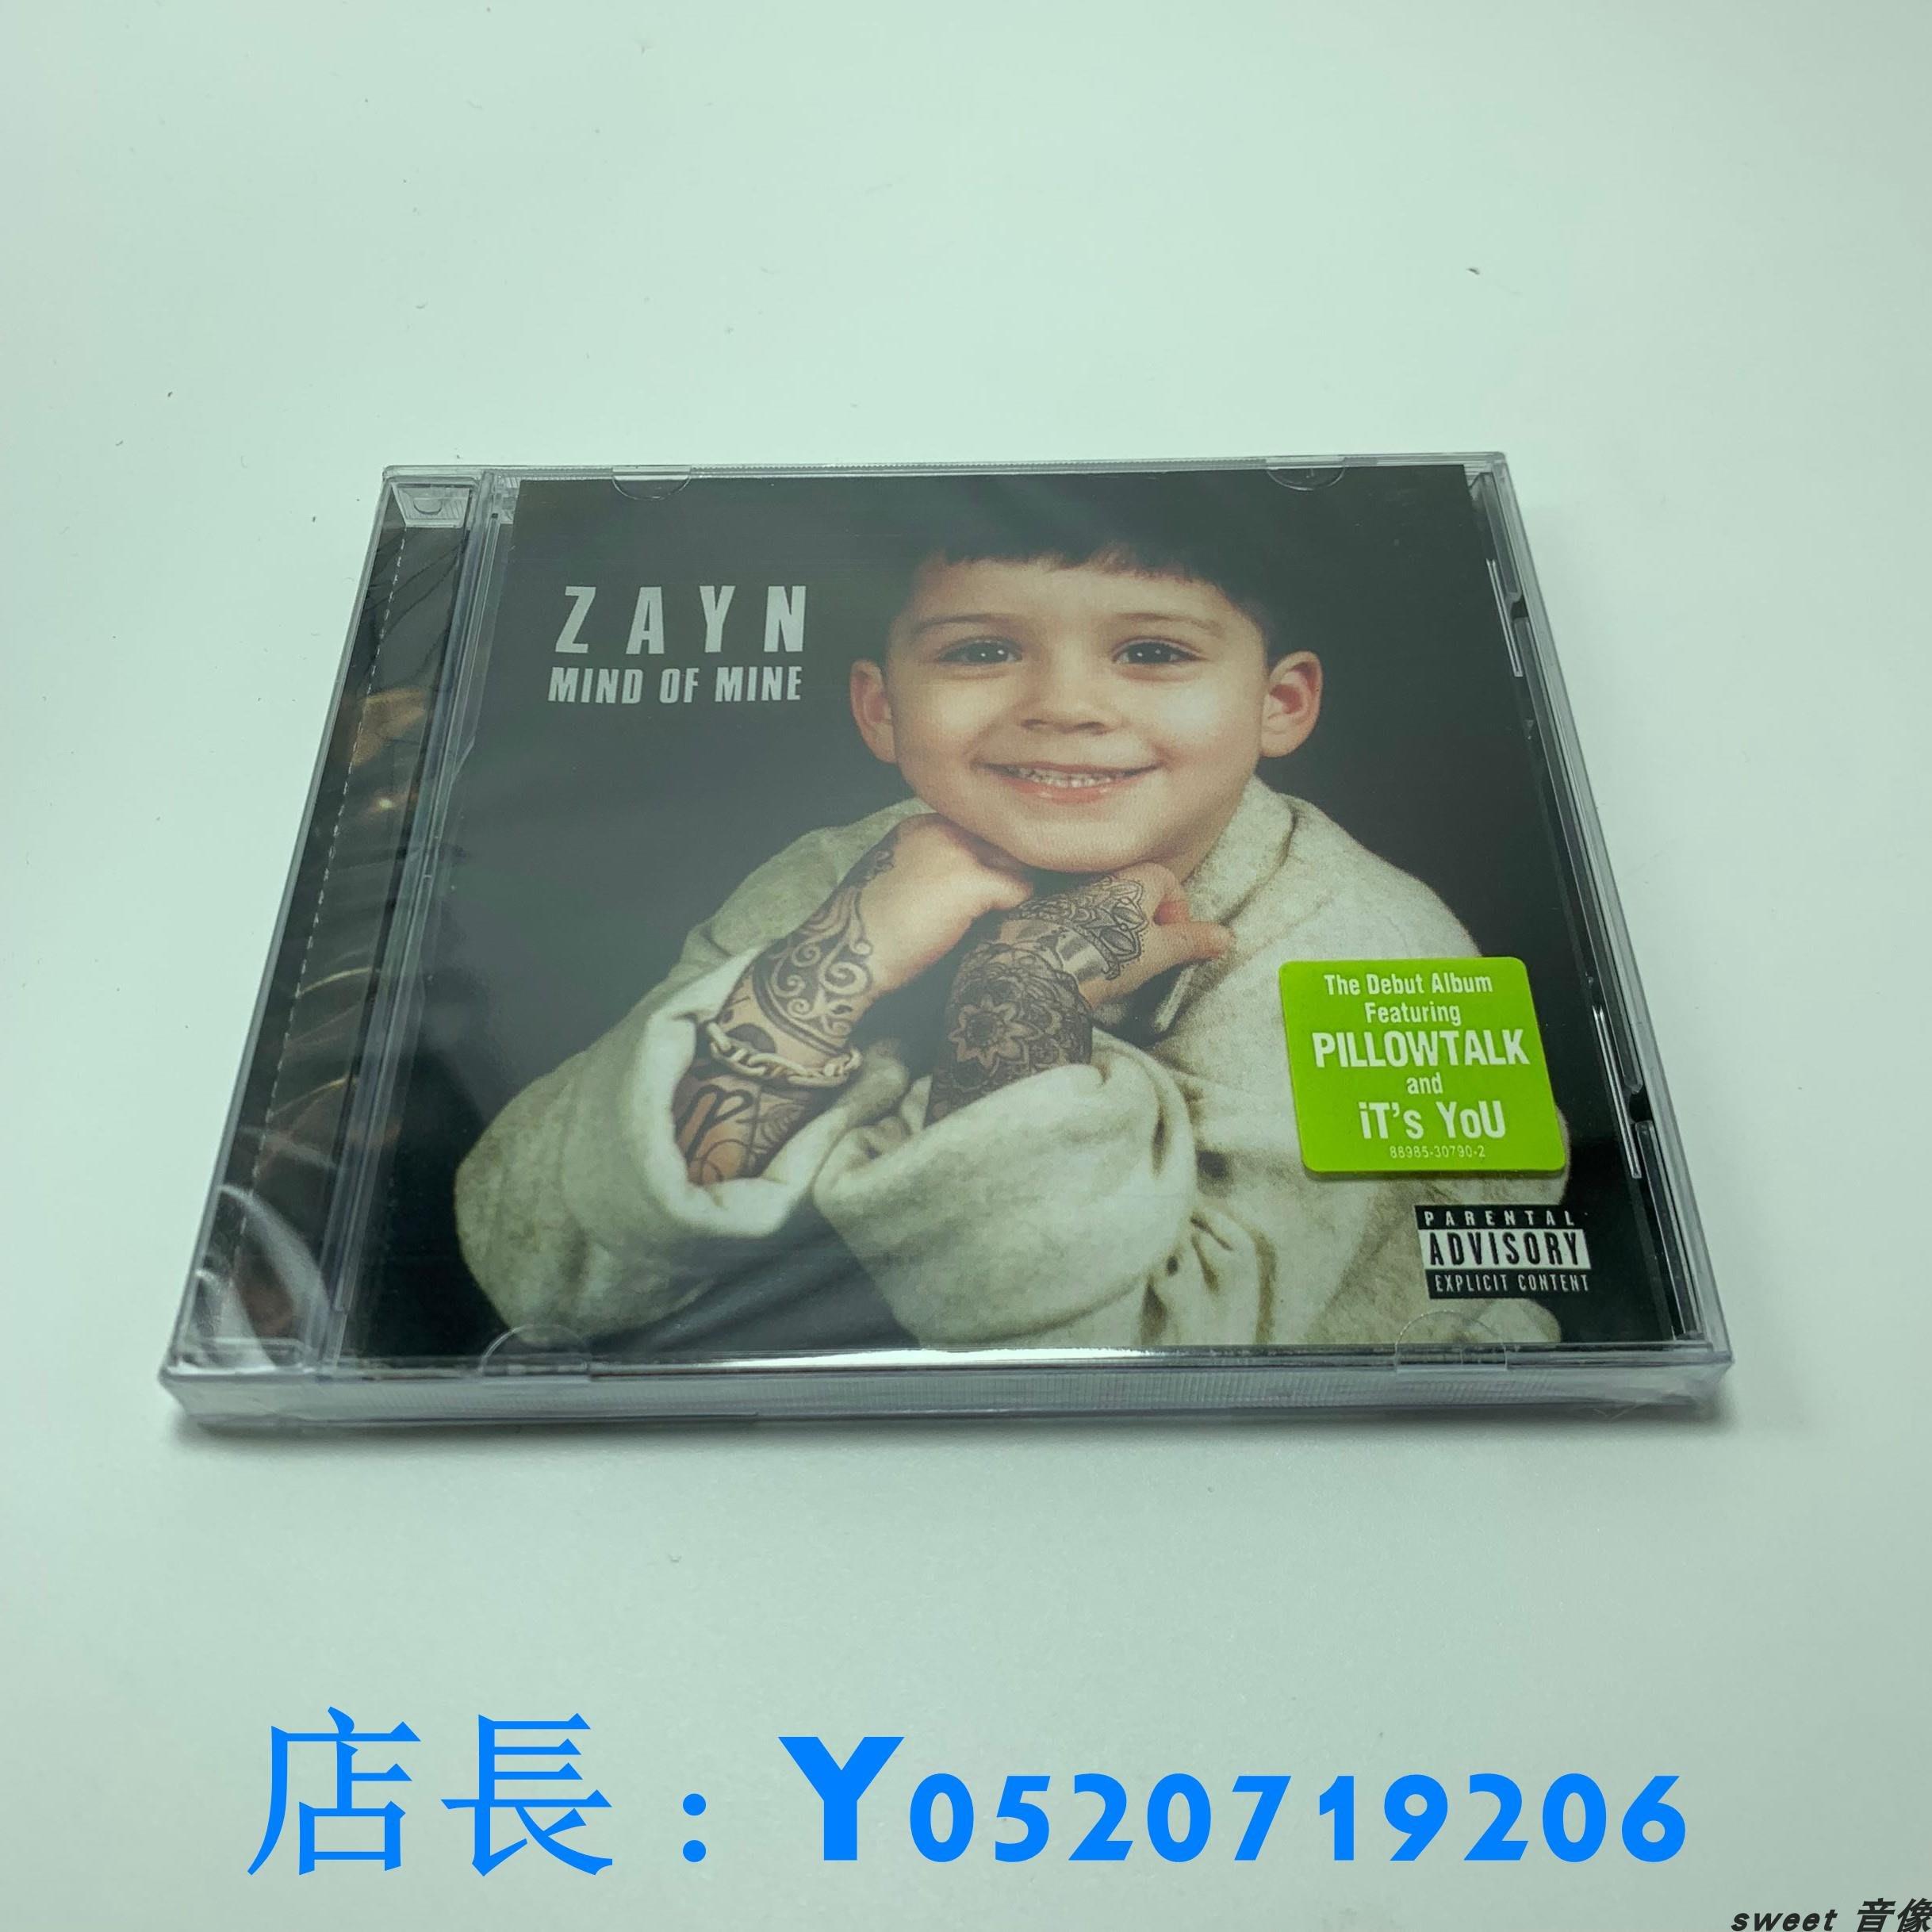 全新 專輯CD 澤恩  Zayn Mind Of Mine CD明泰店